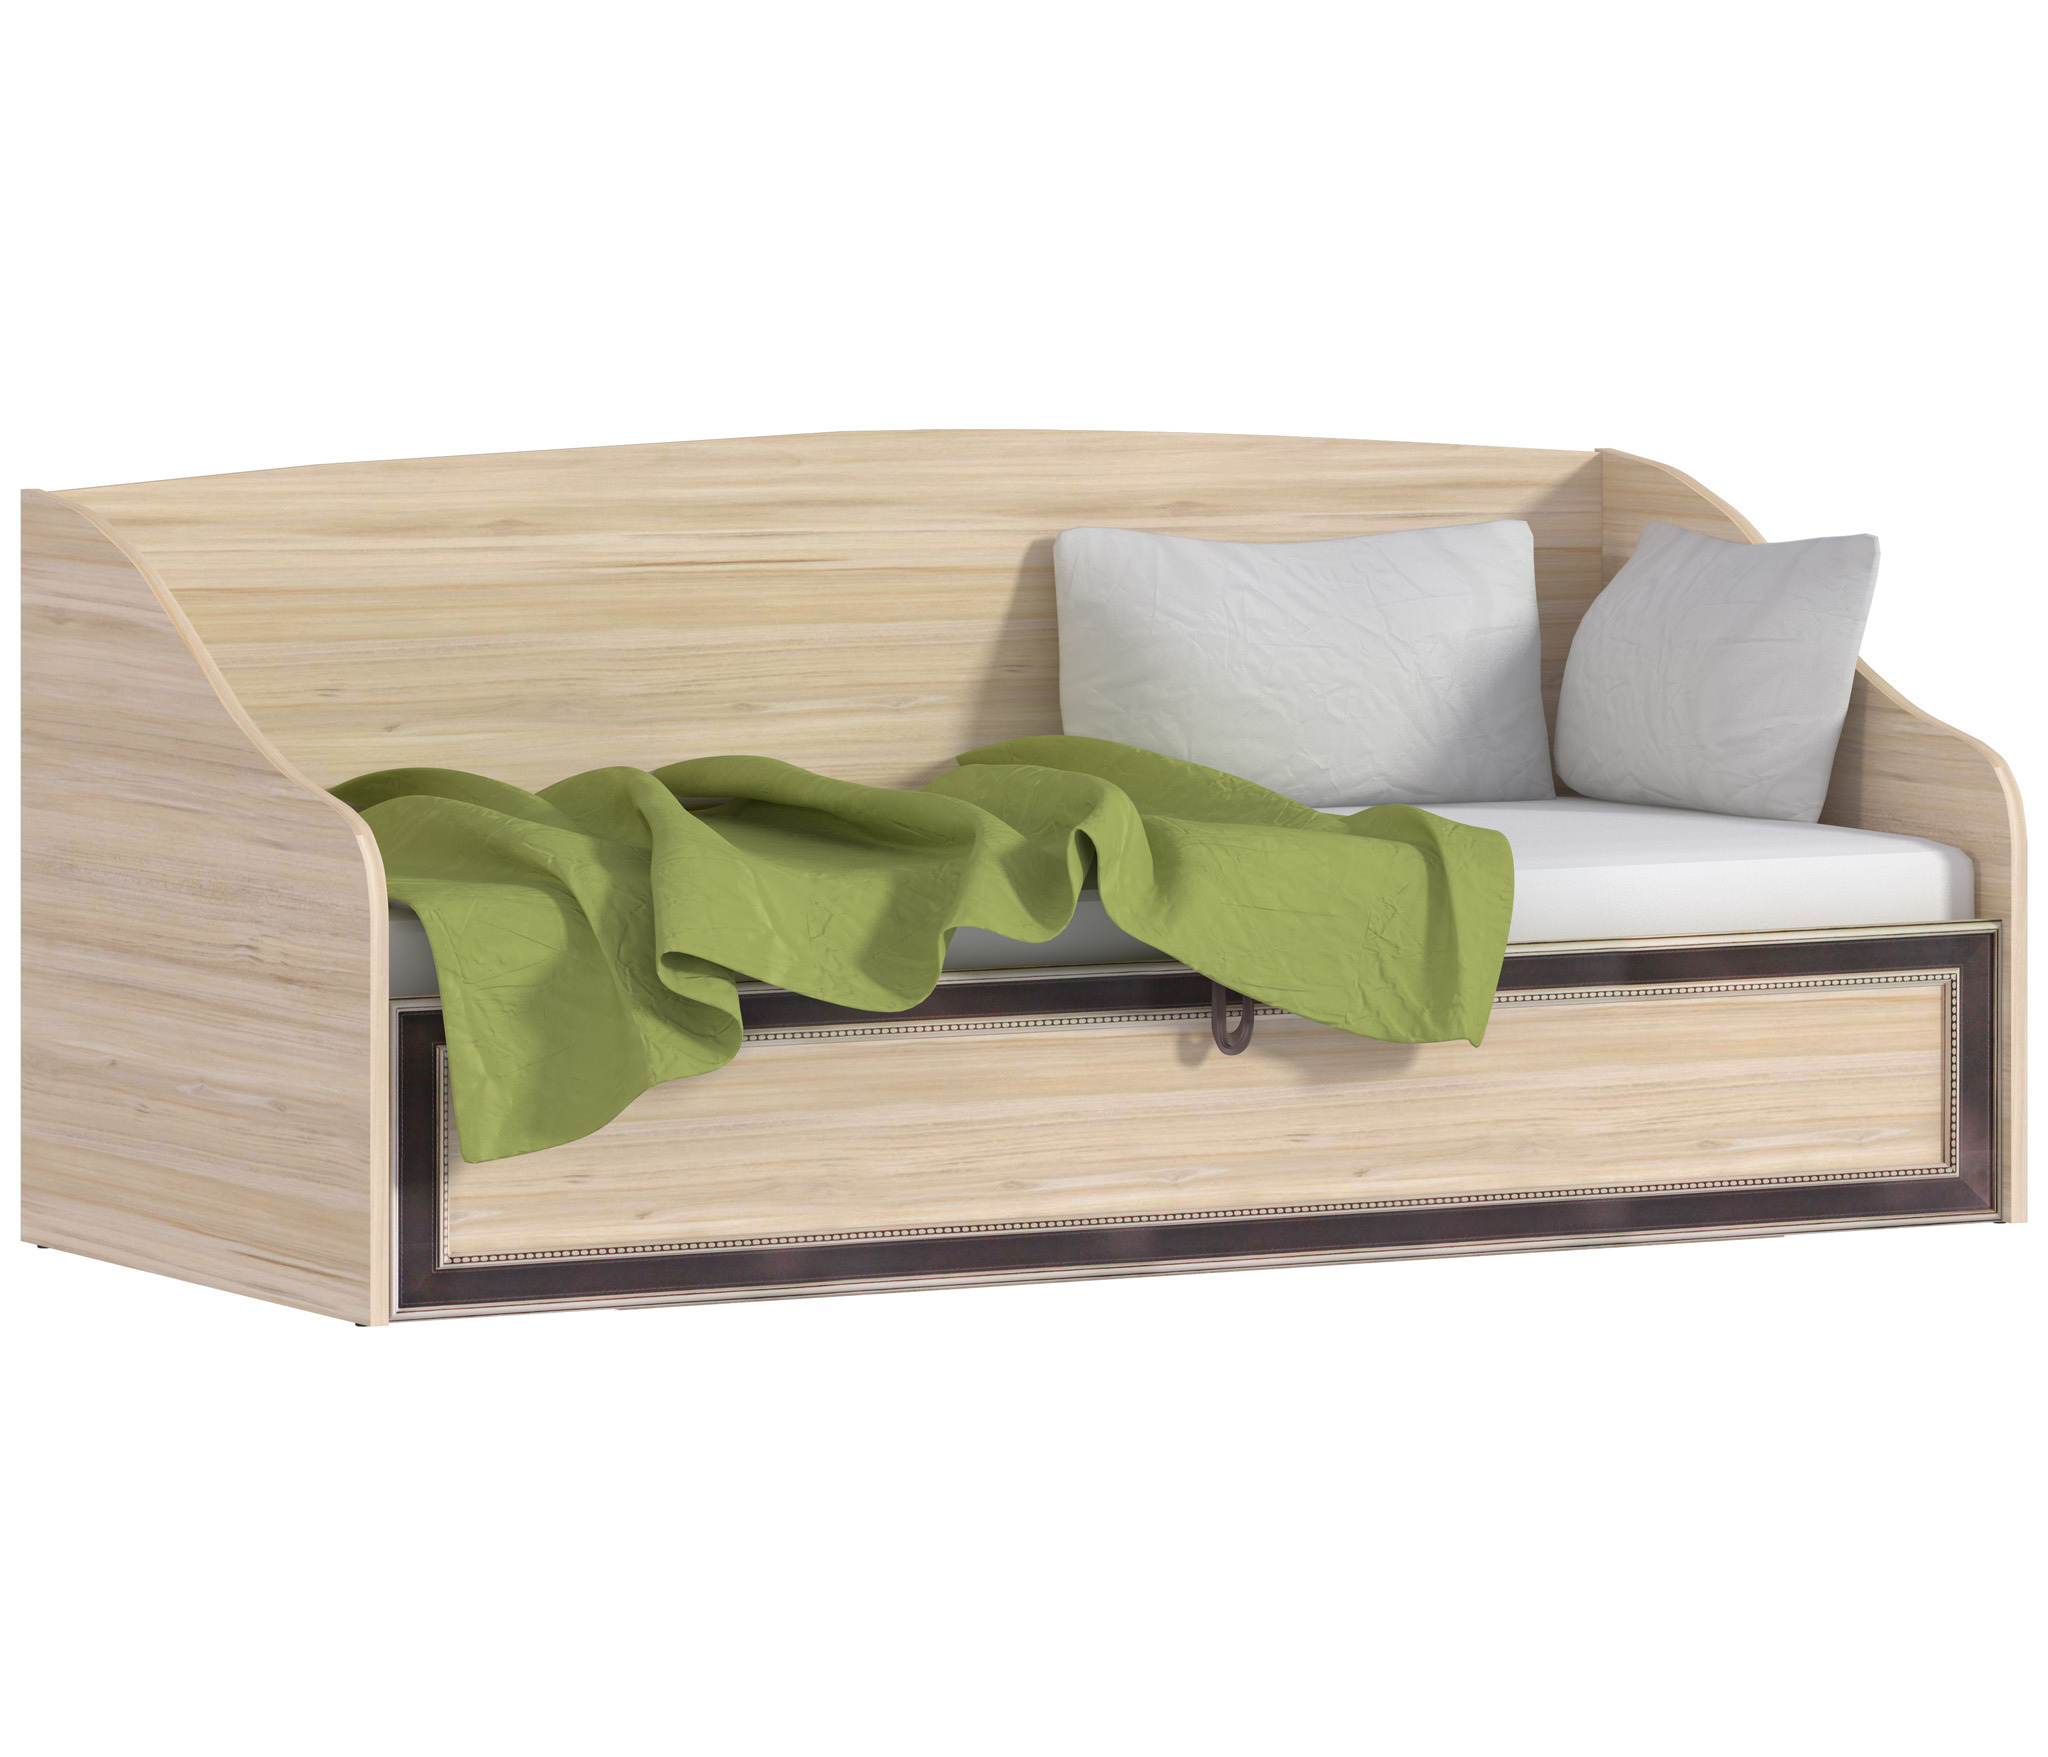 Купить со скидкой Персей СБ-1993 Кровать с подъемным мех-мом 800